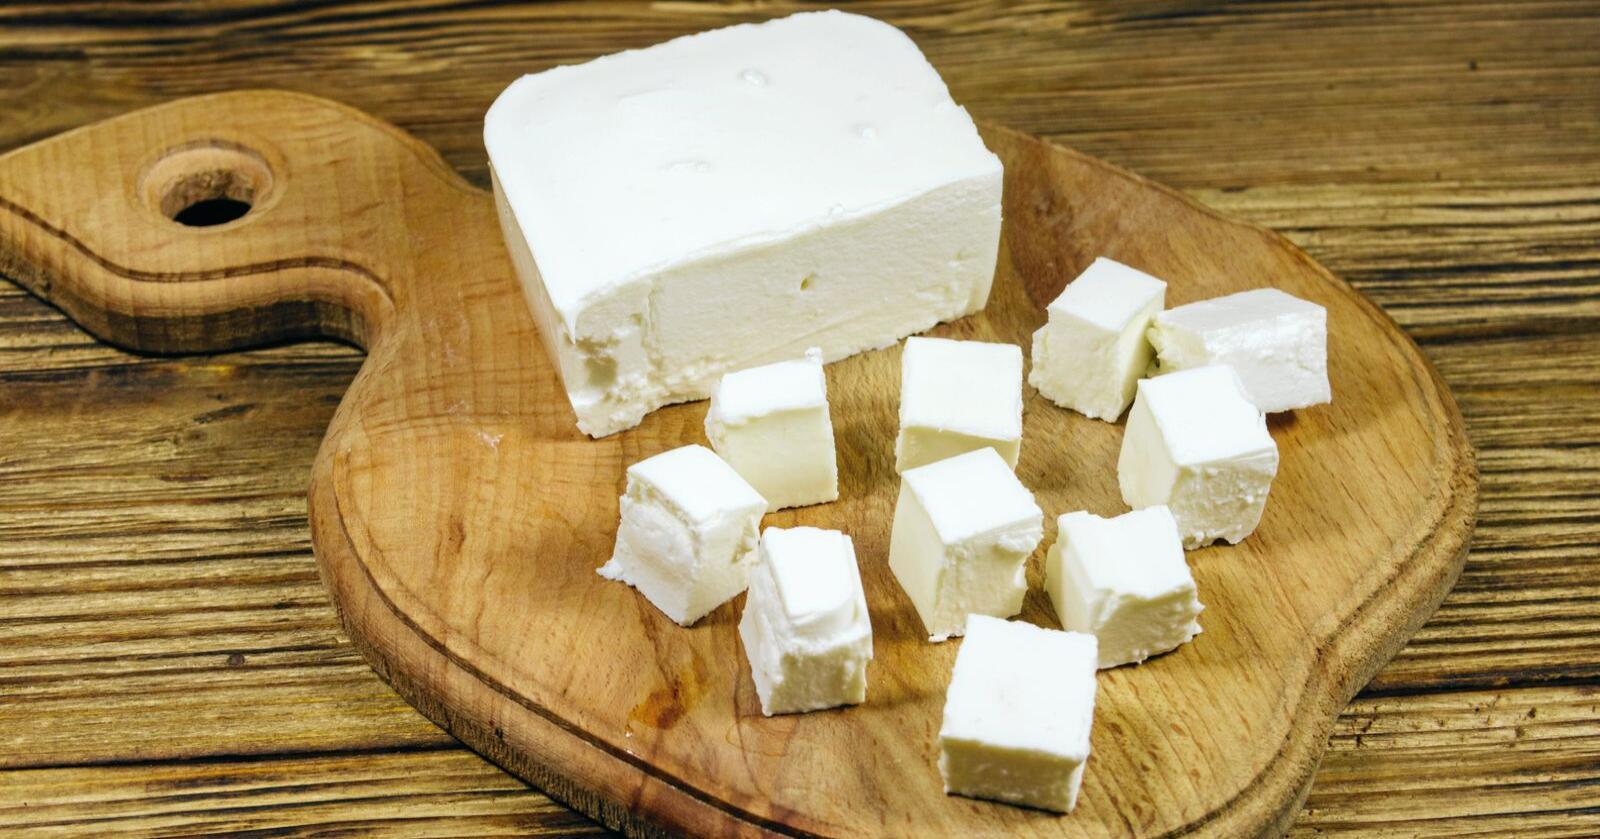 Fetaosten er blant en rekke matvarer og drikker som regnes som regionsspesifikke i Europa. Foto: Mostphotos